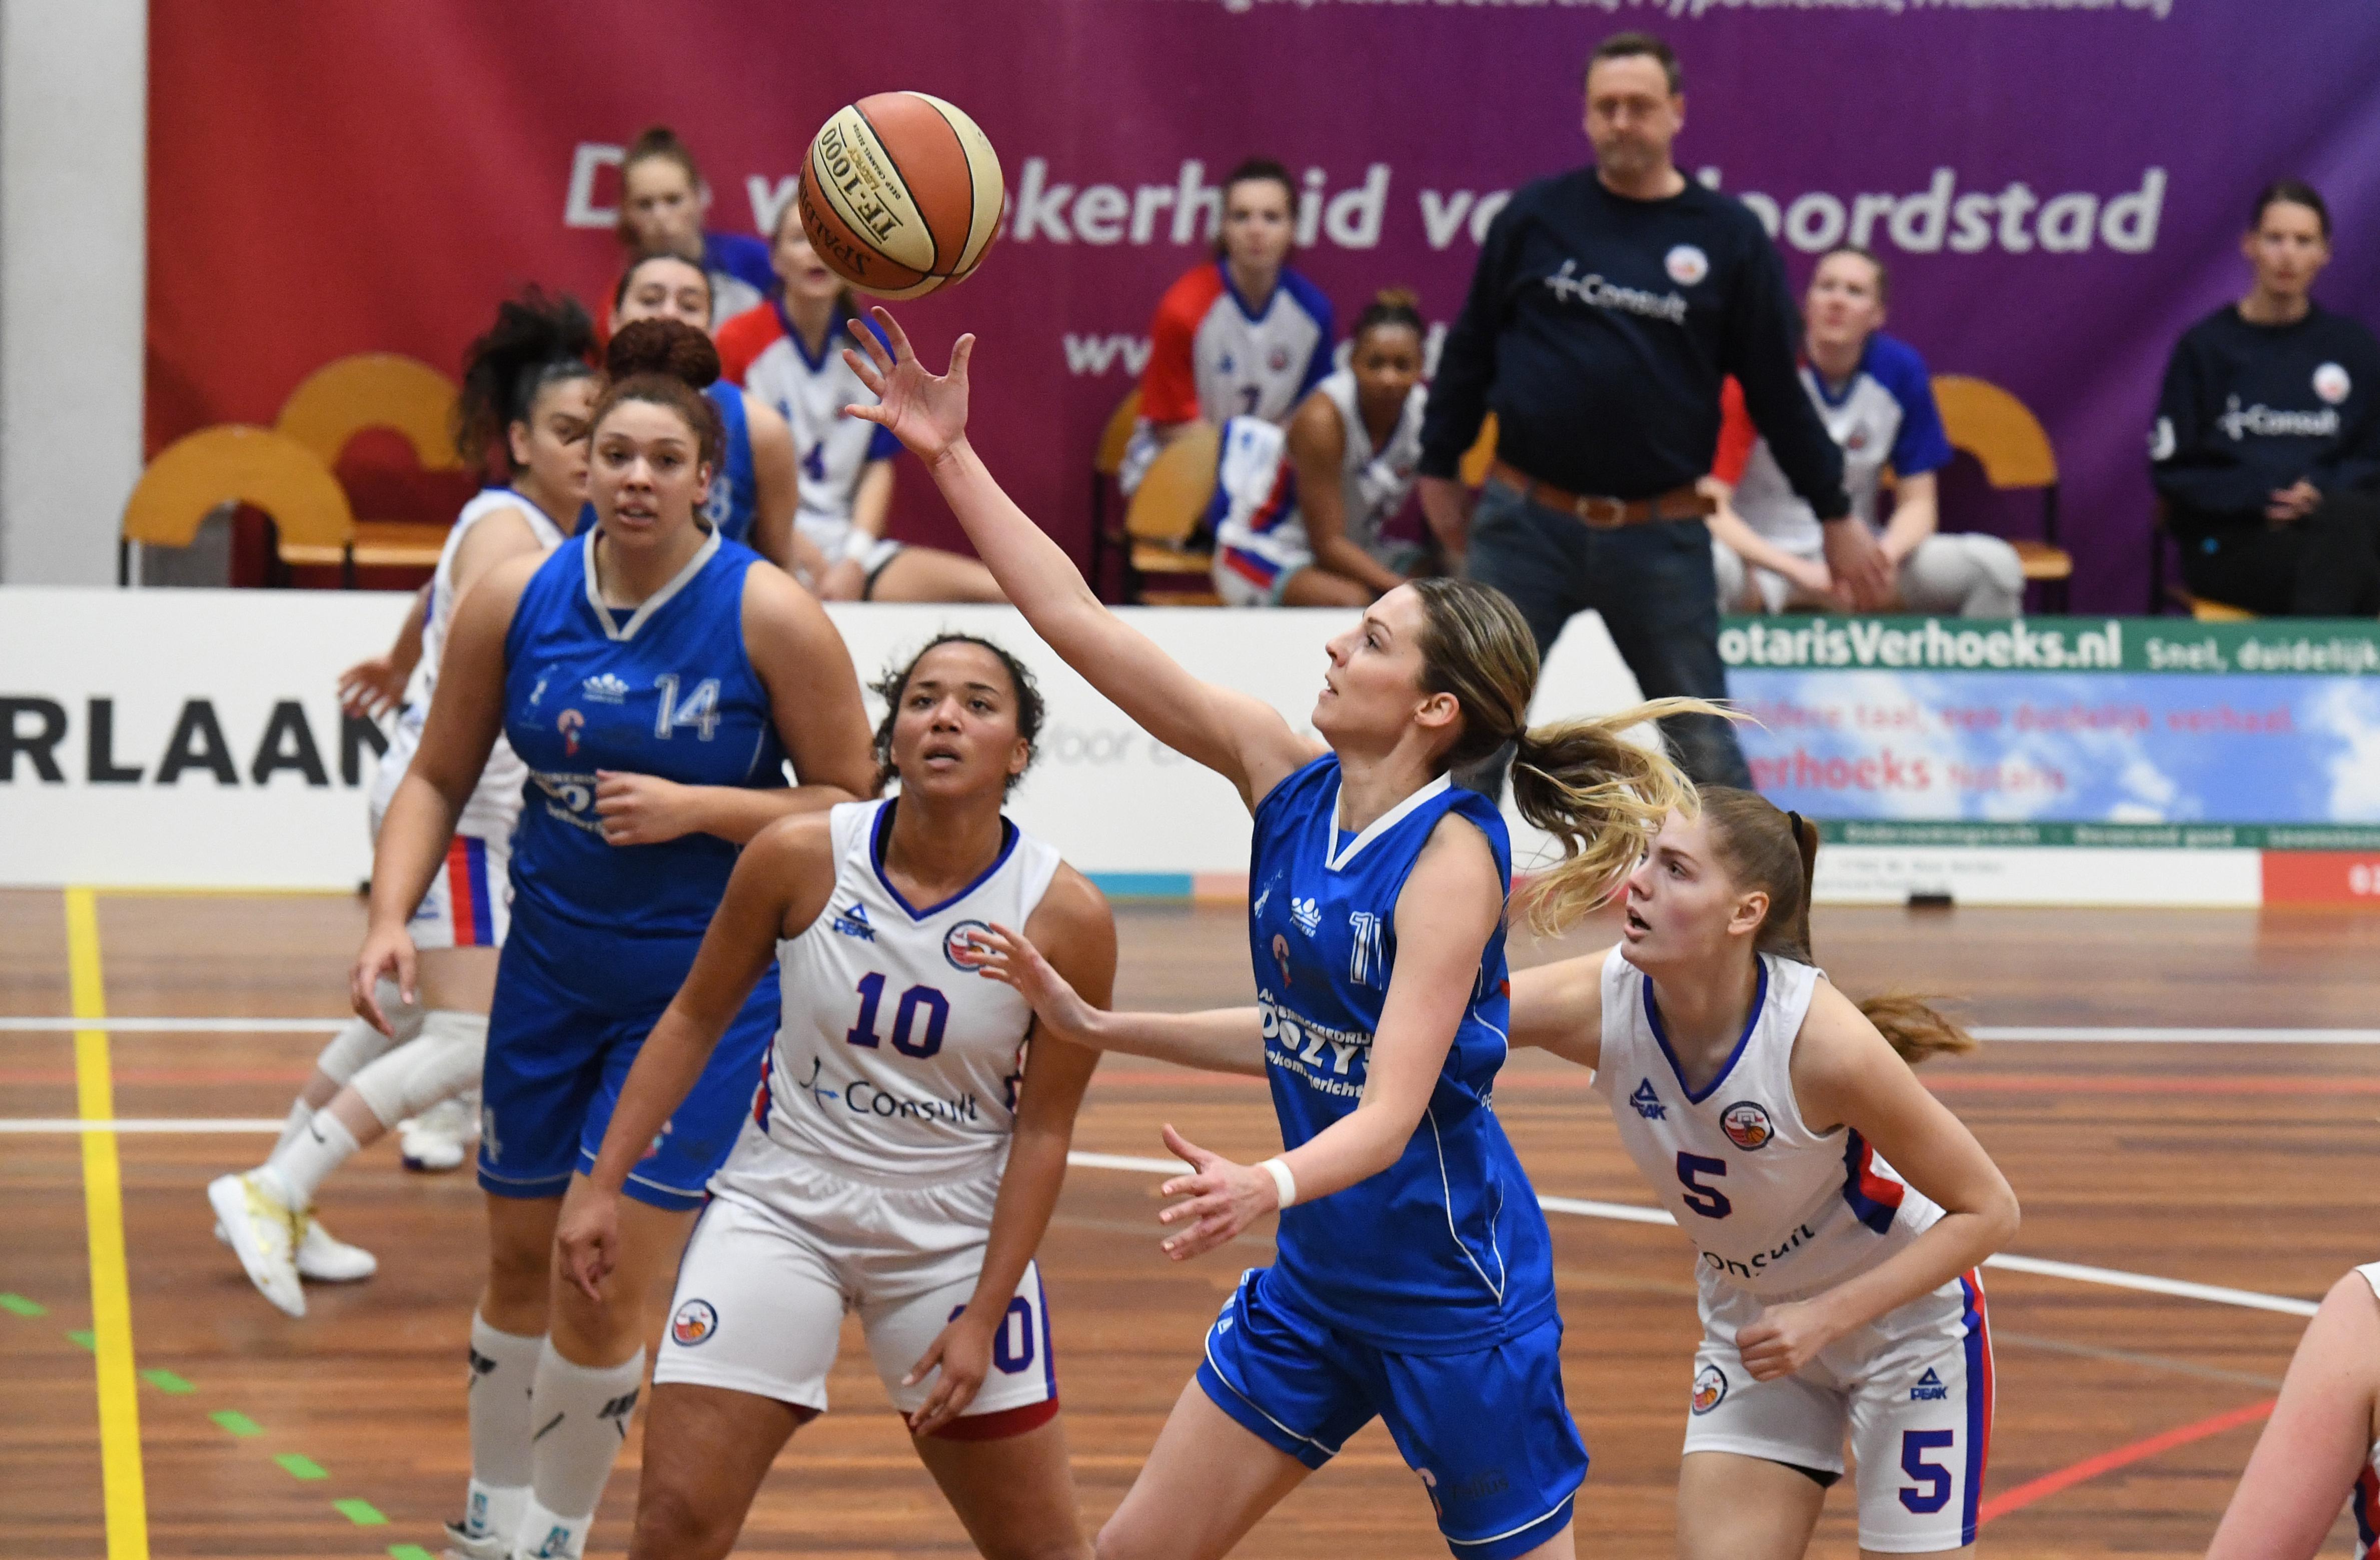 Basketbalsters Den Helder hebben thuisvoordeel in crisistijd. 'De hal, vloer waarop we trainen, baskets die we kennen. Het geeft alles bij elkaar een vertrouwd gevoel'